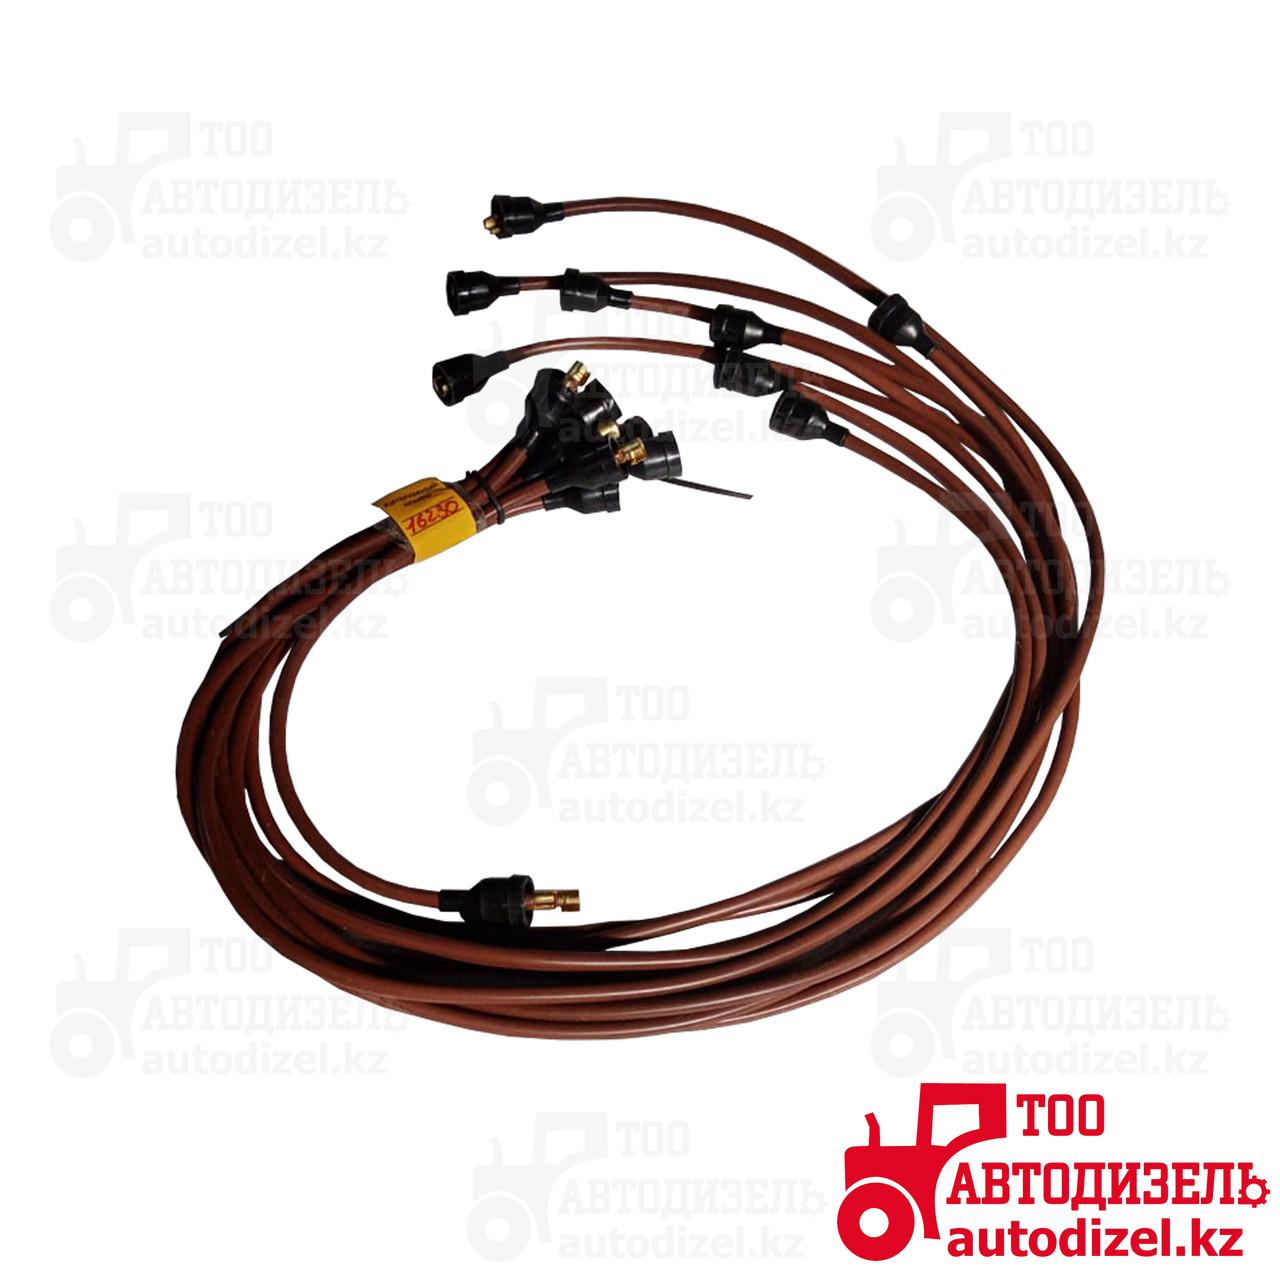 Провода высоковольтные ЗИЛ-130 (медь) 16230